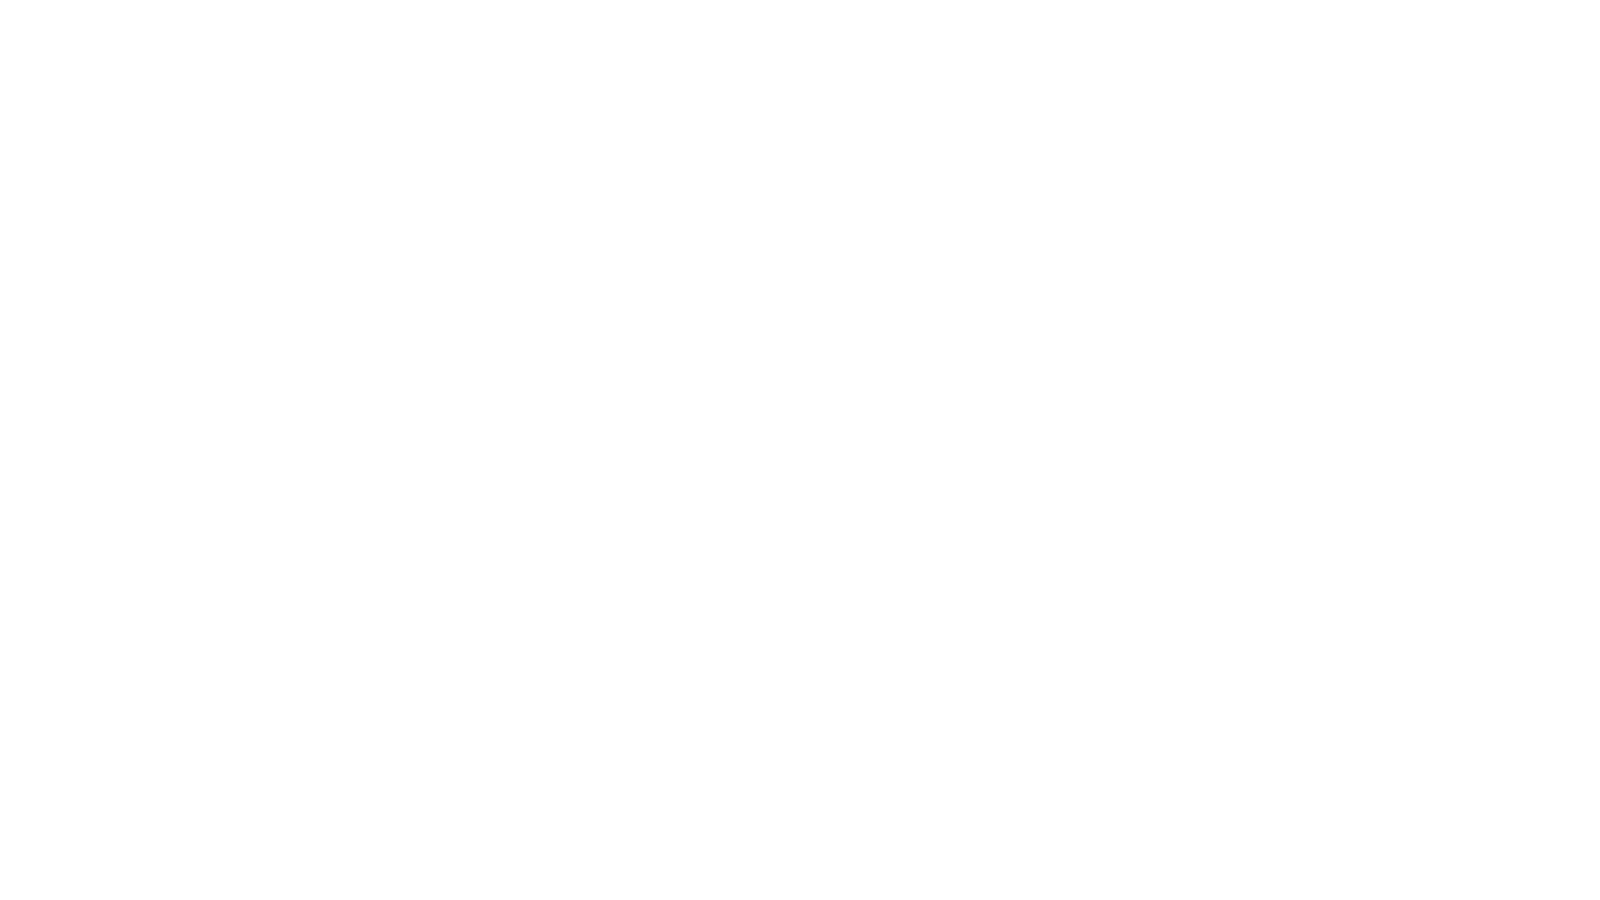 """Danas u ranim jutarnjim časovima Romi iz sremskomitrovačke mesne zajednice """"Sava"""" poznatije kao Jalija kupanjem u reci Savi započeli su proslavu Svetog Đorđa – Đurđevdana."""